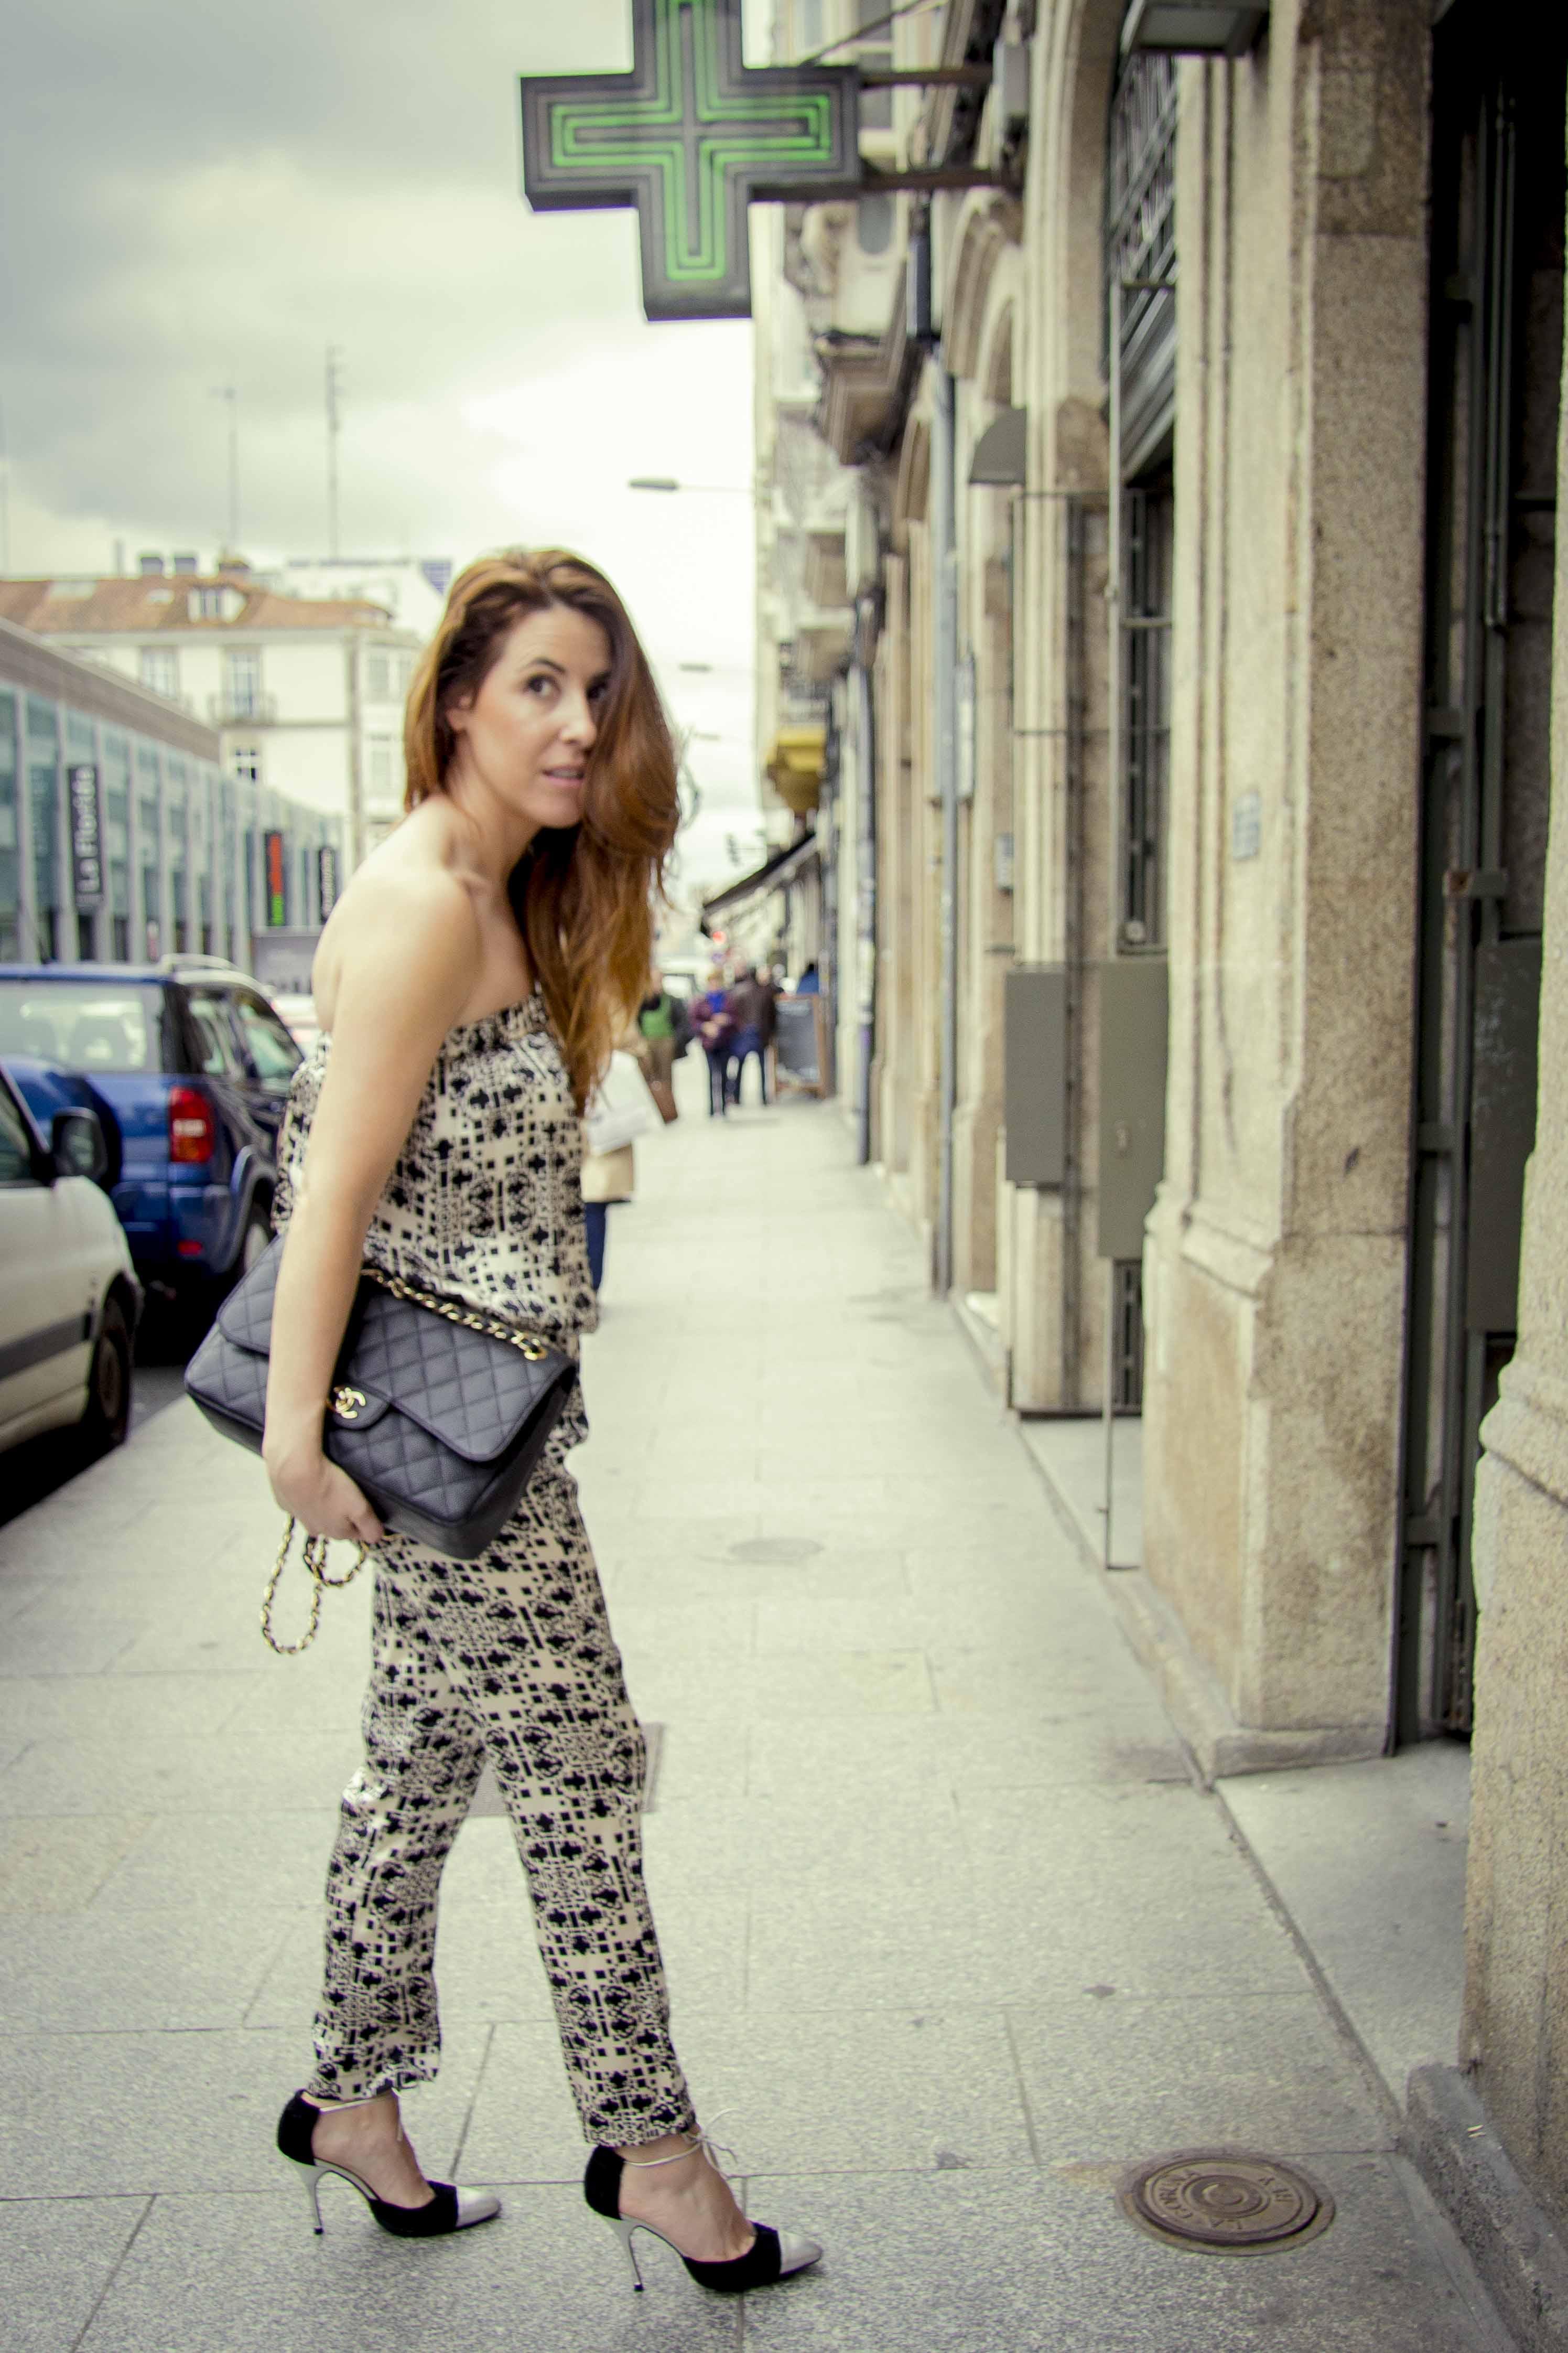 fashion-streetstyle-Hoss Intropia-descalzaporelparque-coruña